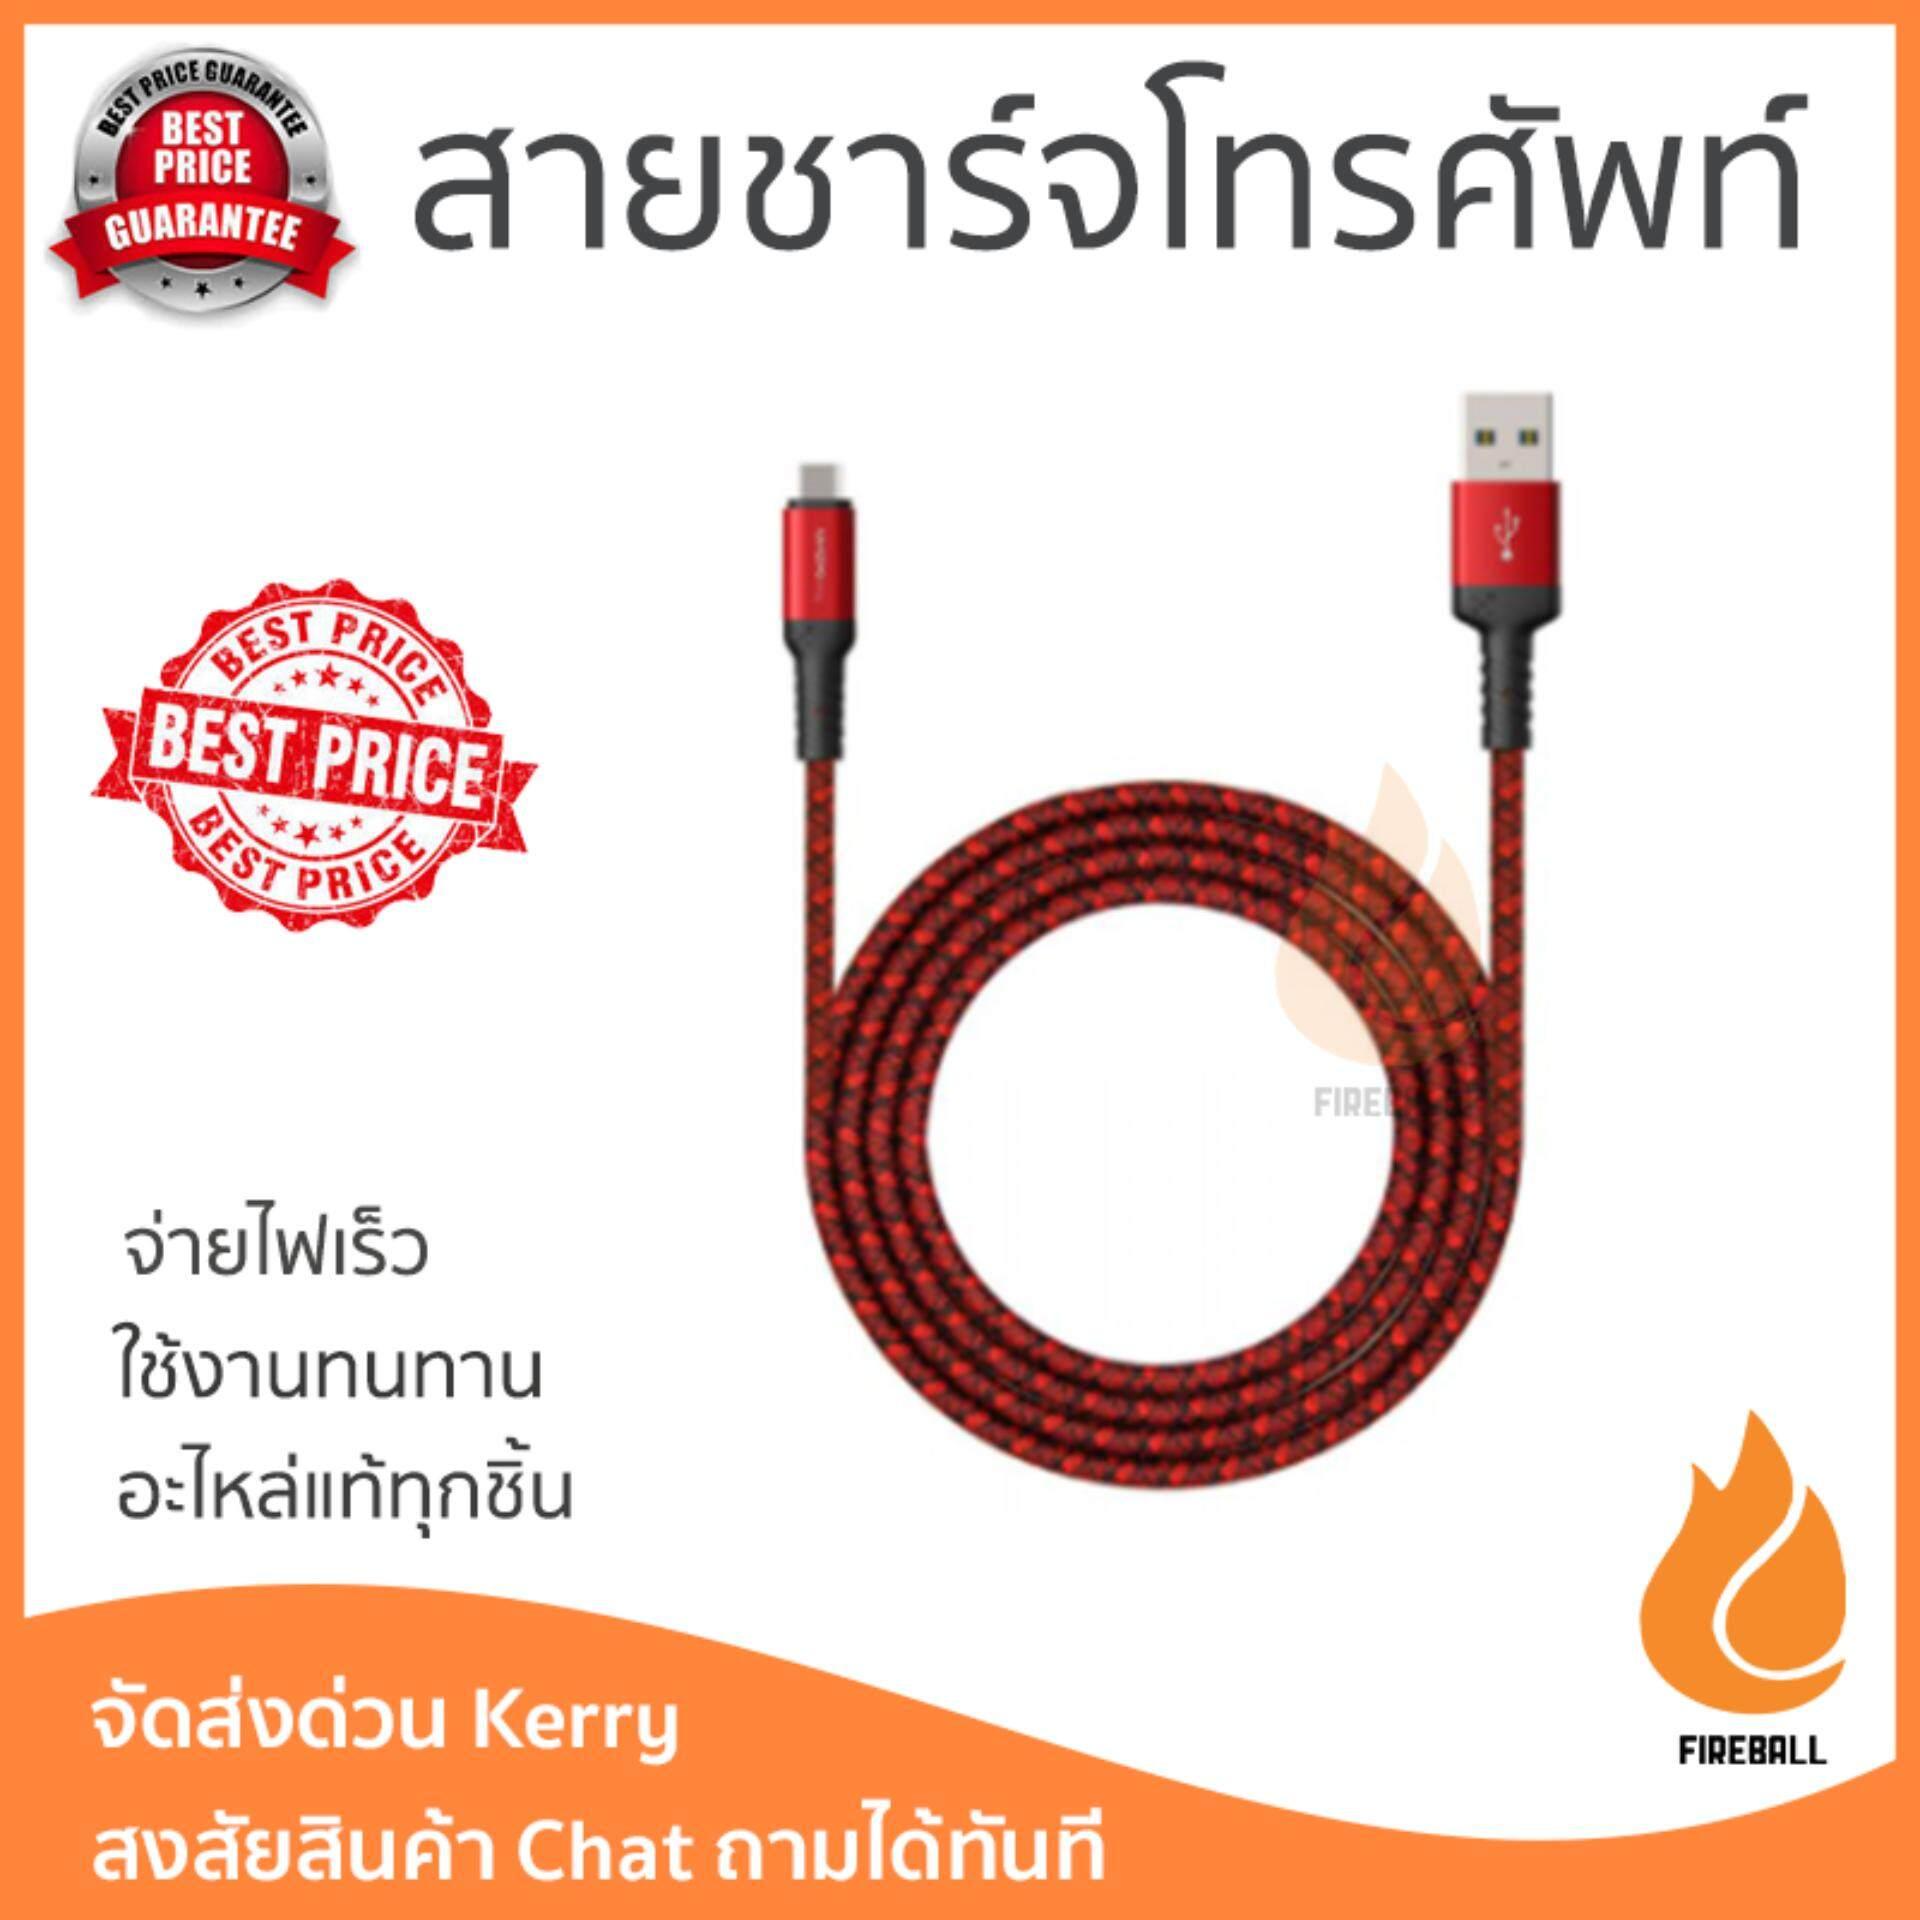 เก็บเงินปลายทางได้ ราคาพิเศษ รุ่นยอดนิยม สายชาร์จโทรศัพท์ AMAZINGthing USB-A to USB-C Cable SupremeLink Bullet Shield 1.2M. Red สายชาร์จทนทาน แข็งแรง จ่ายไฟเร็ว Mobile Cable จัดส่งฟรี Kerry ทั่วประเทศ